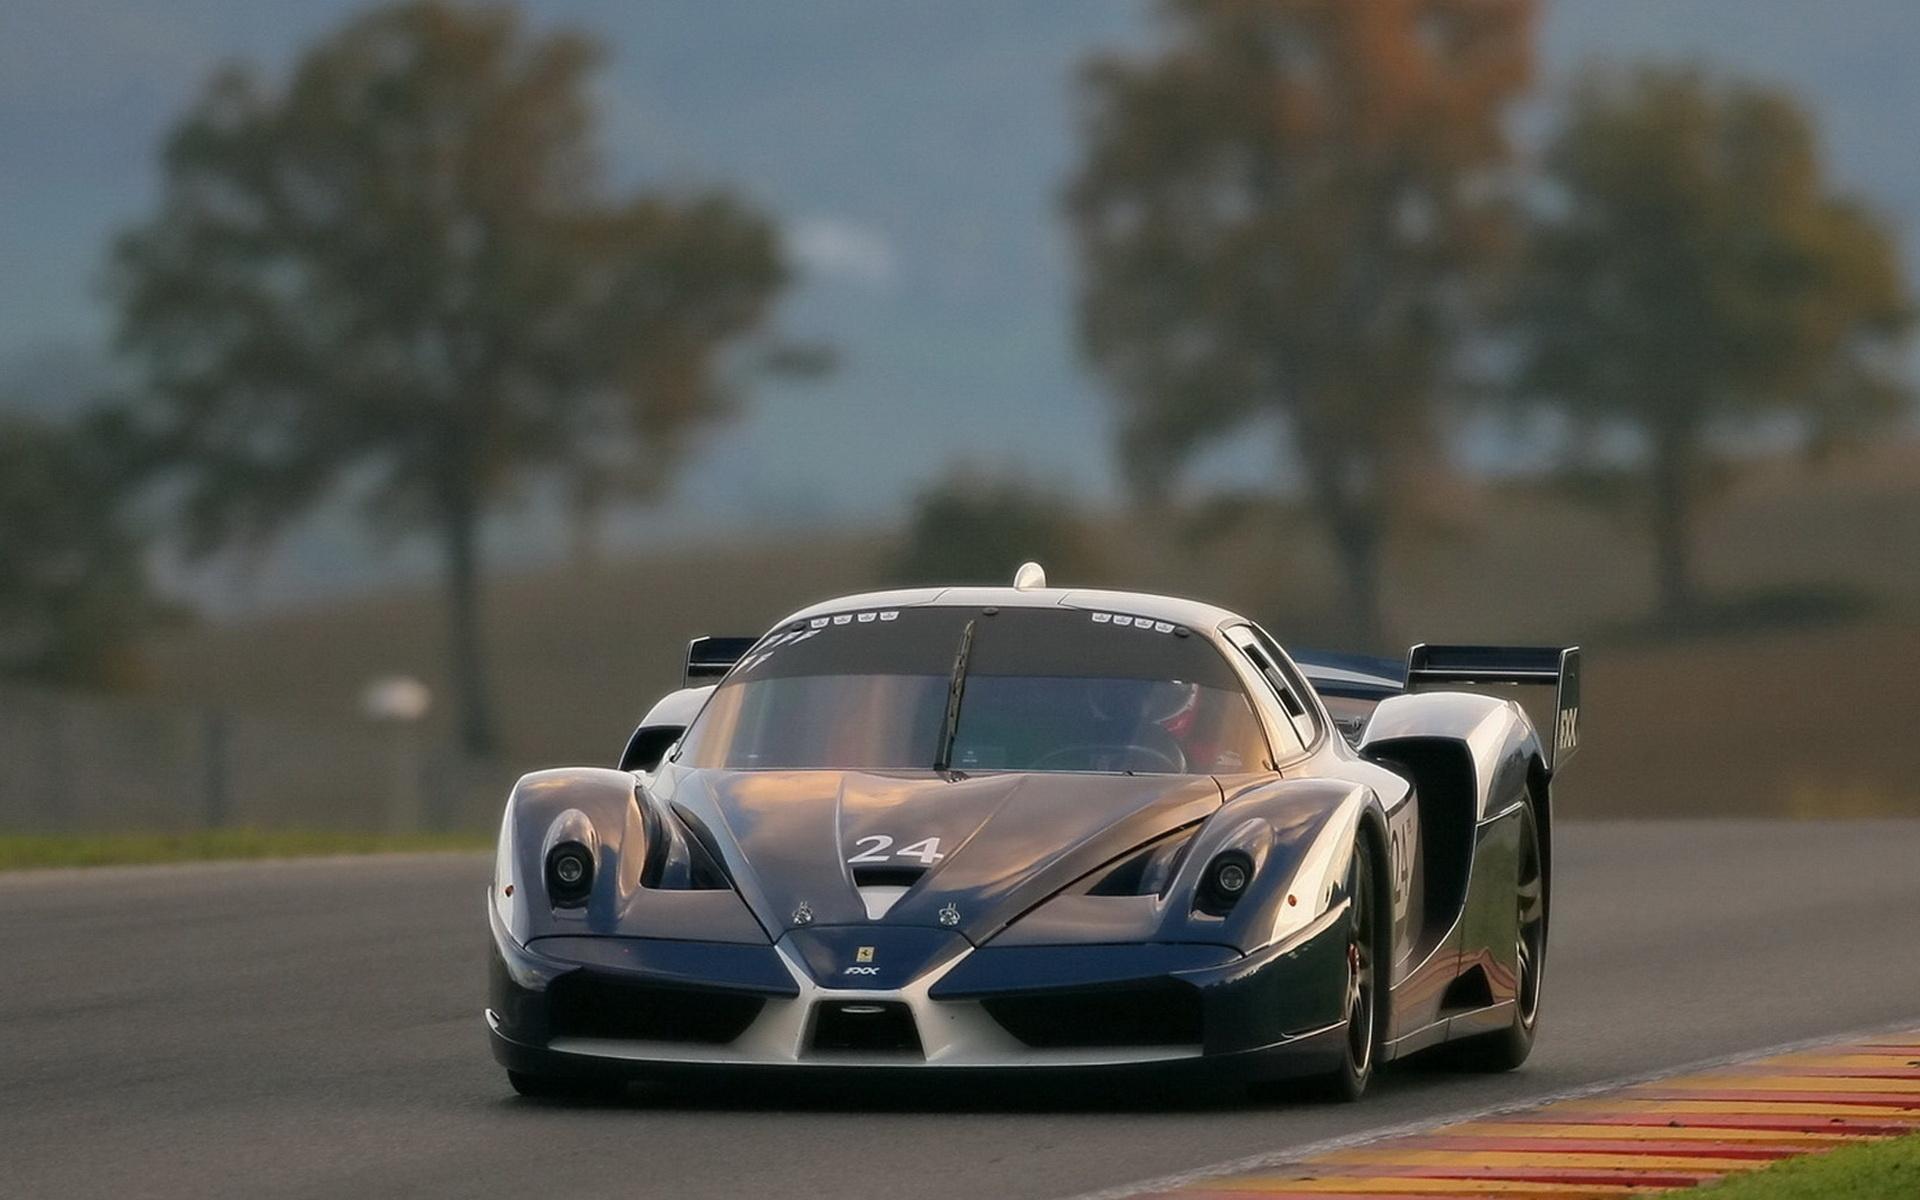 26443 скачать обои Спорт, Транспорт, Машины, Гонки, Феррари (Ferrari) - заставки и картинки бесплатно